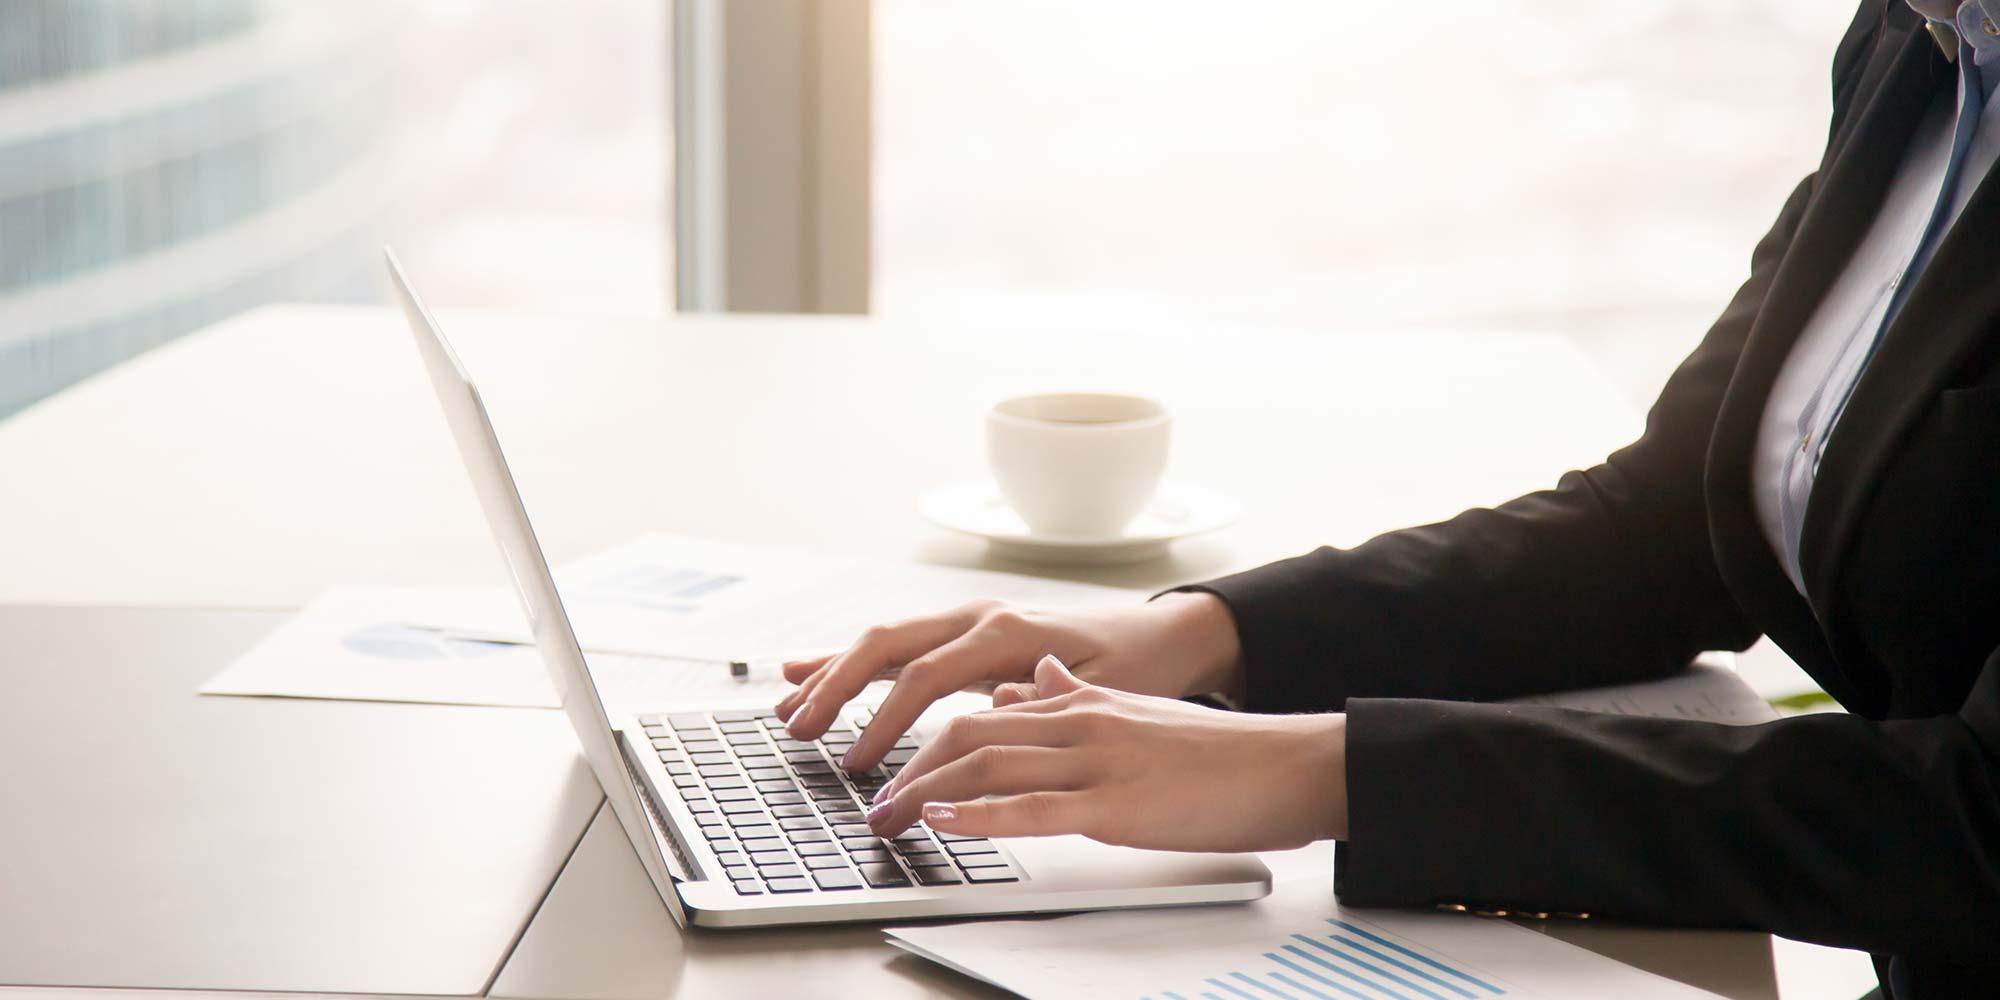 4 passos simples para começar a criar conteúdo jurídico